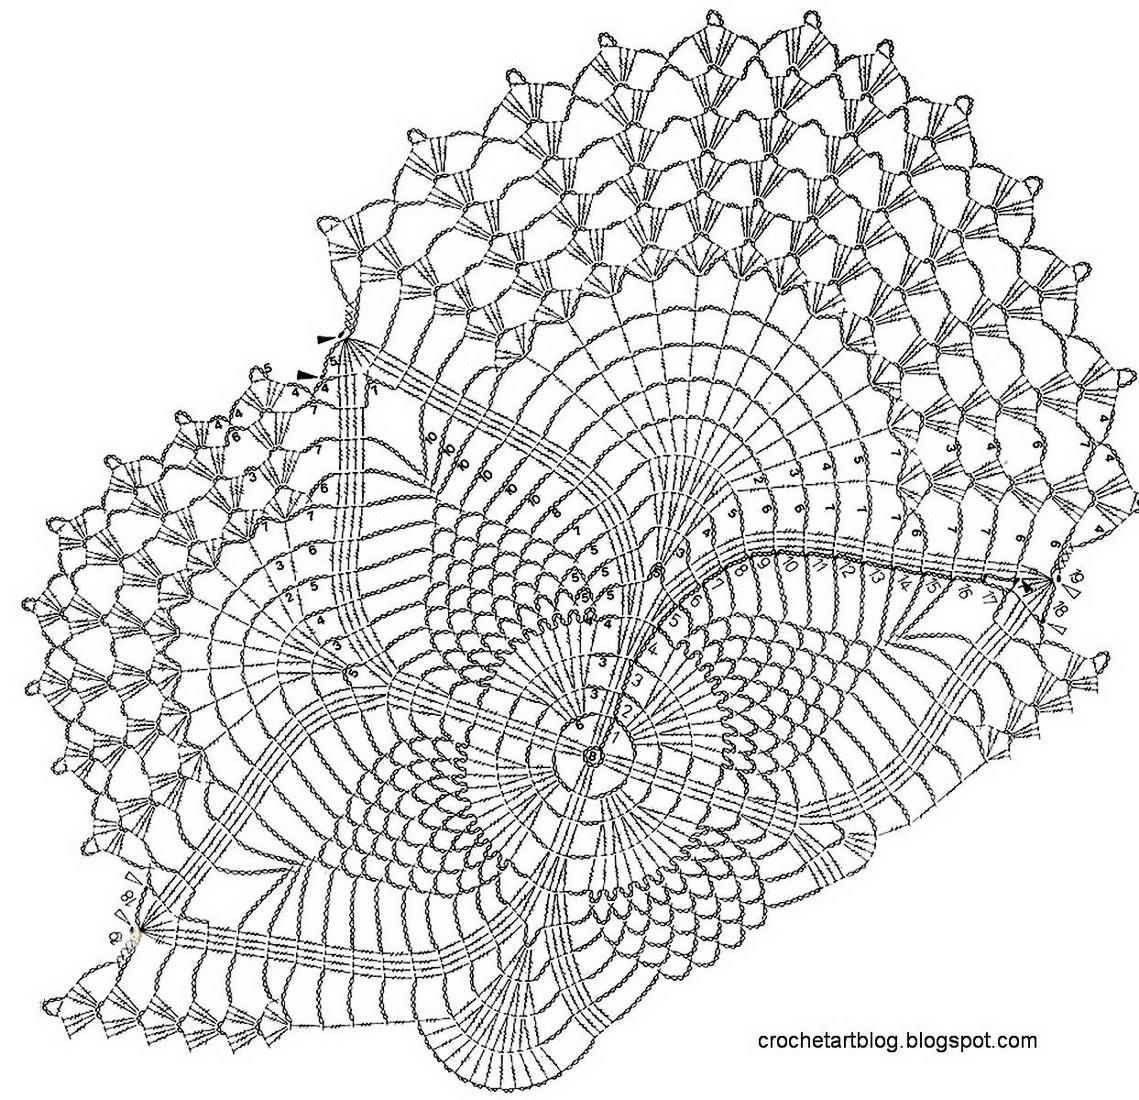 Crochet Art: Crochet Doilies - Free Crochet Pattern - Oval Lace ...